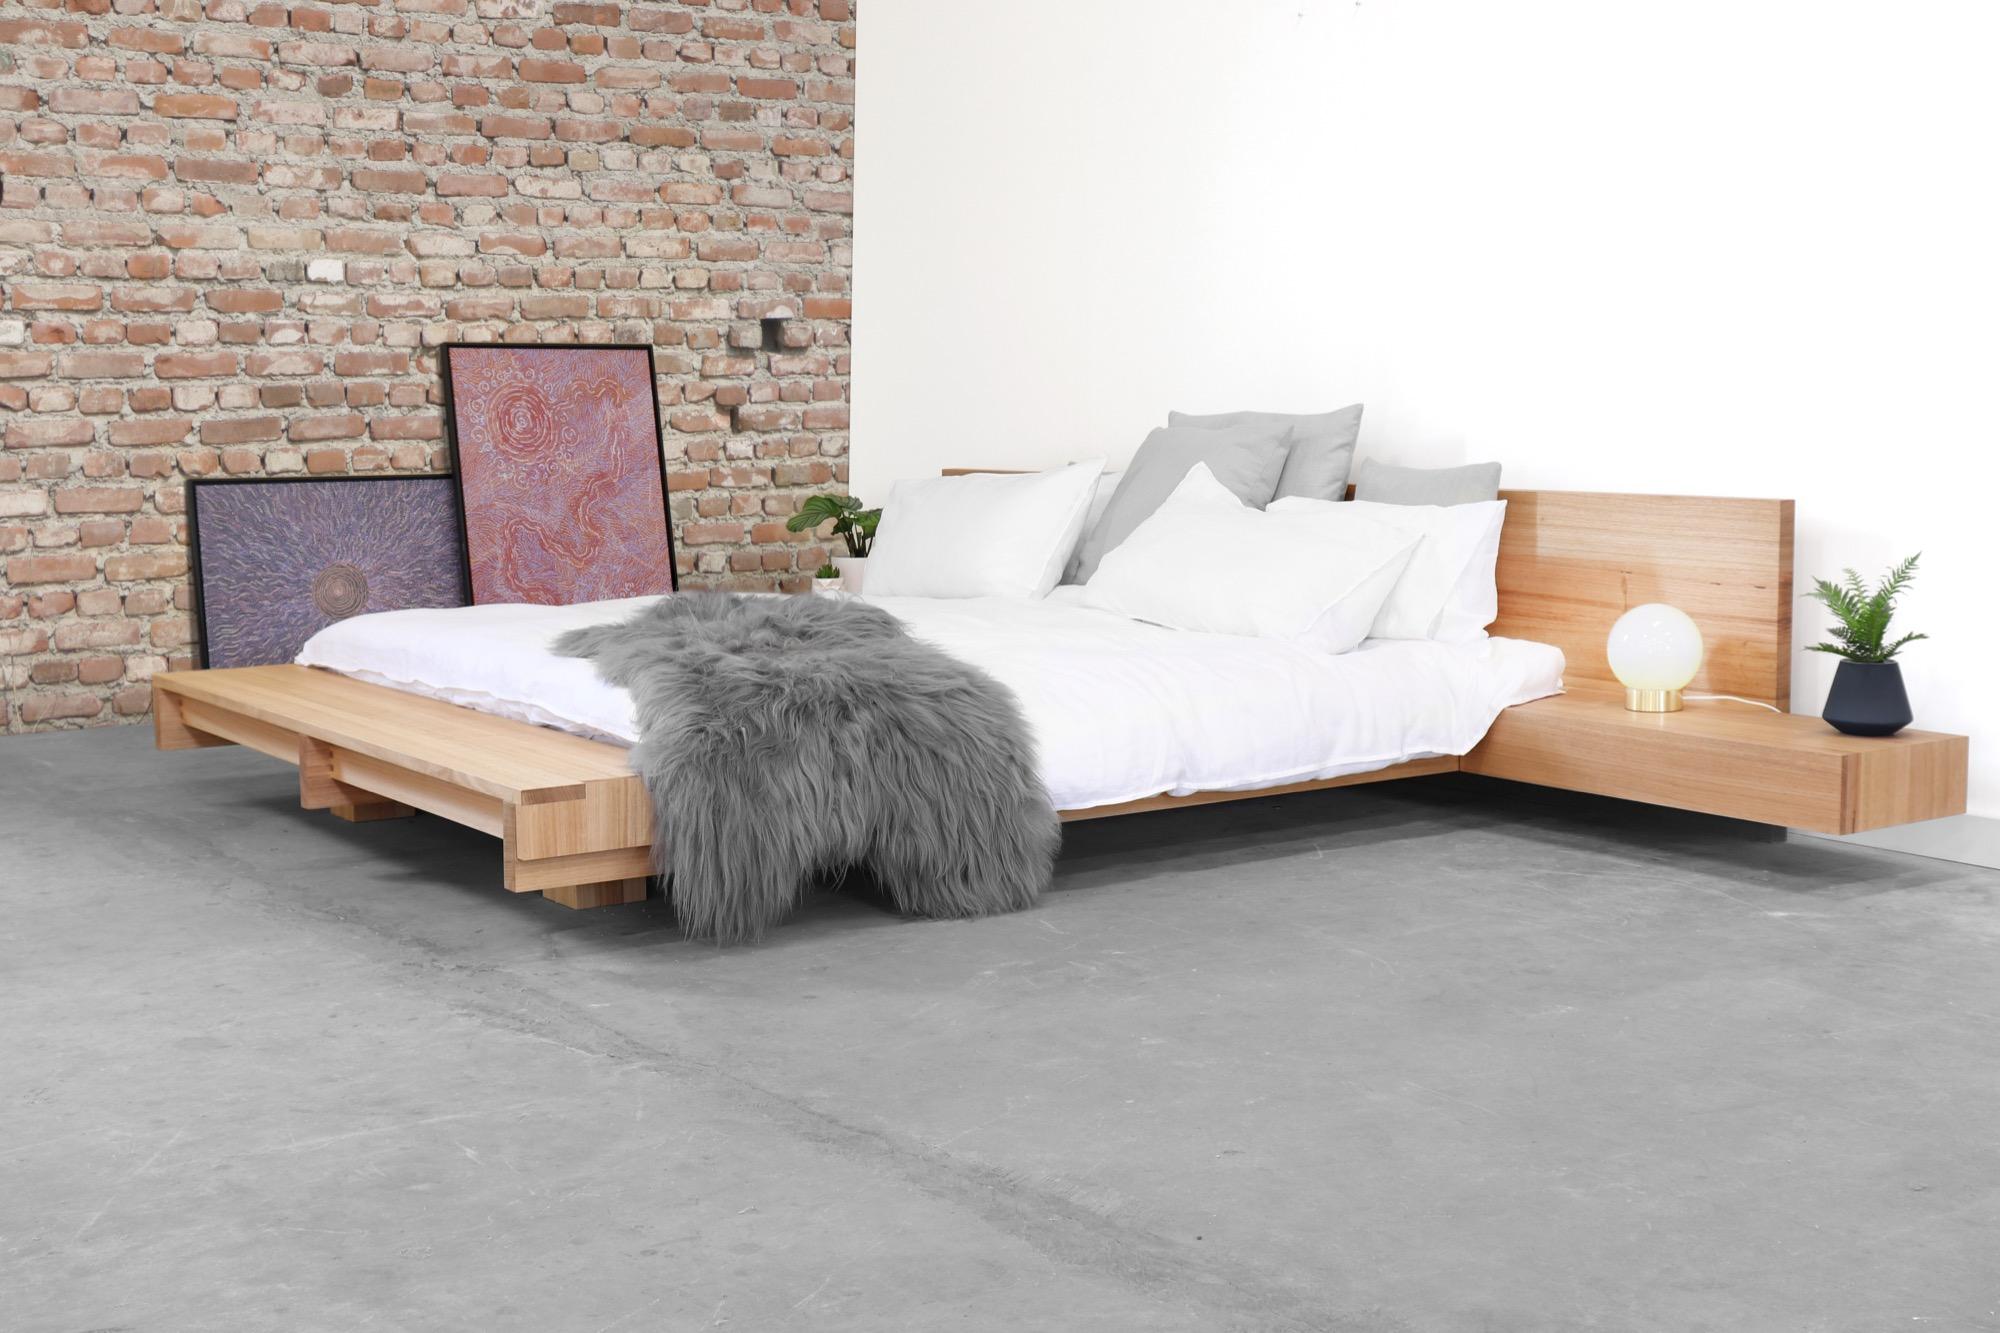 NYX Bed by Sawdust Bureau_04